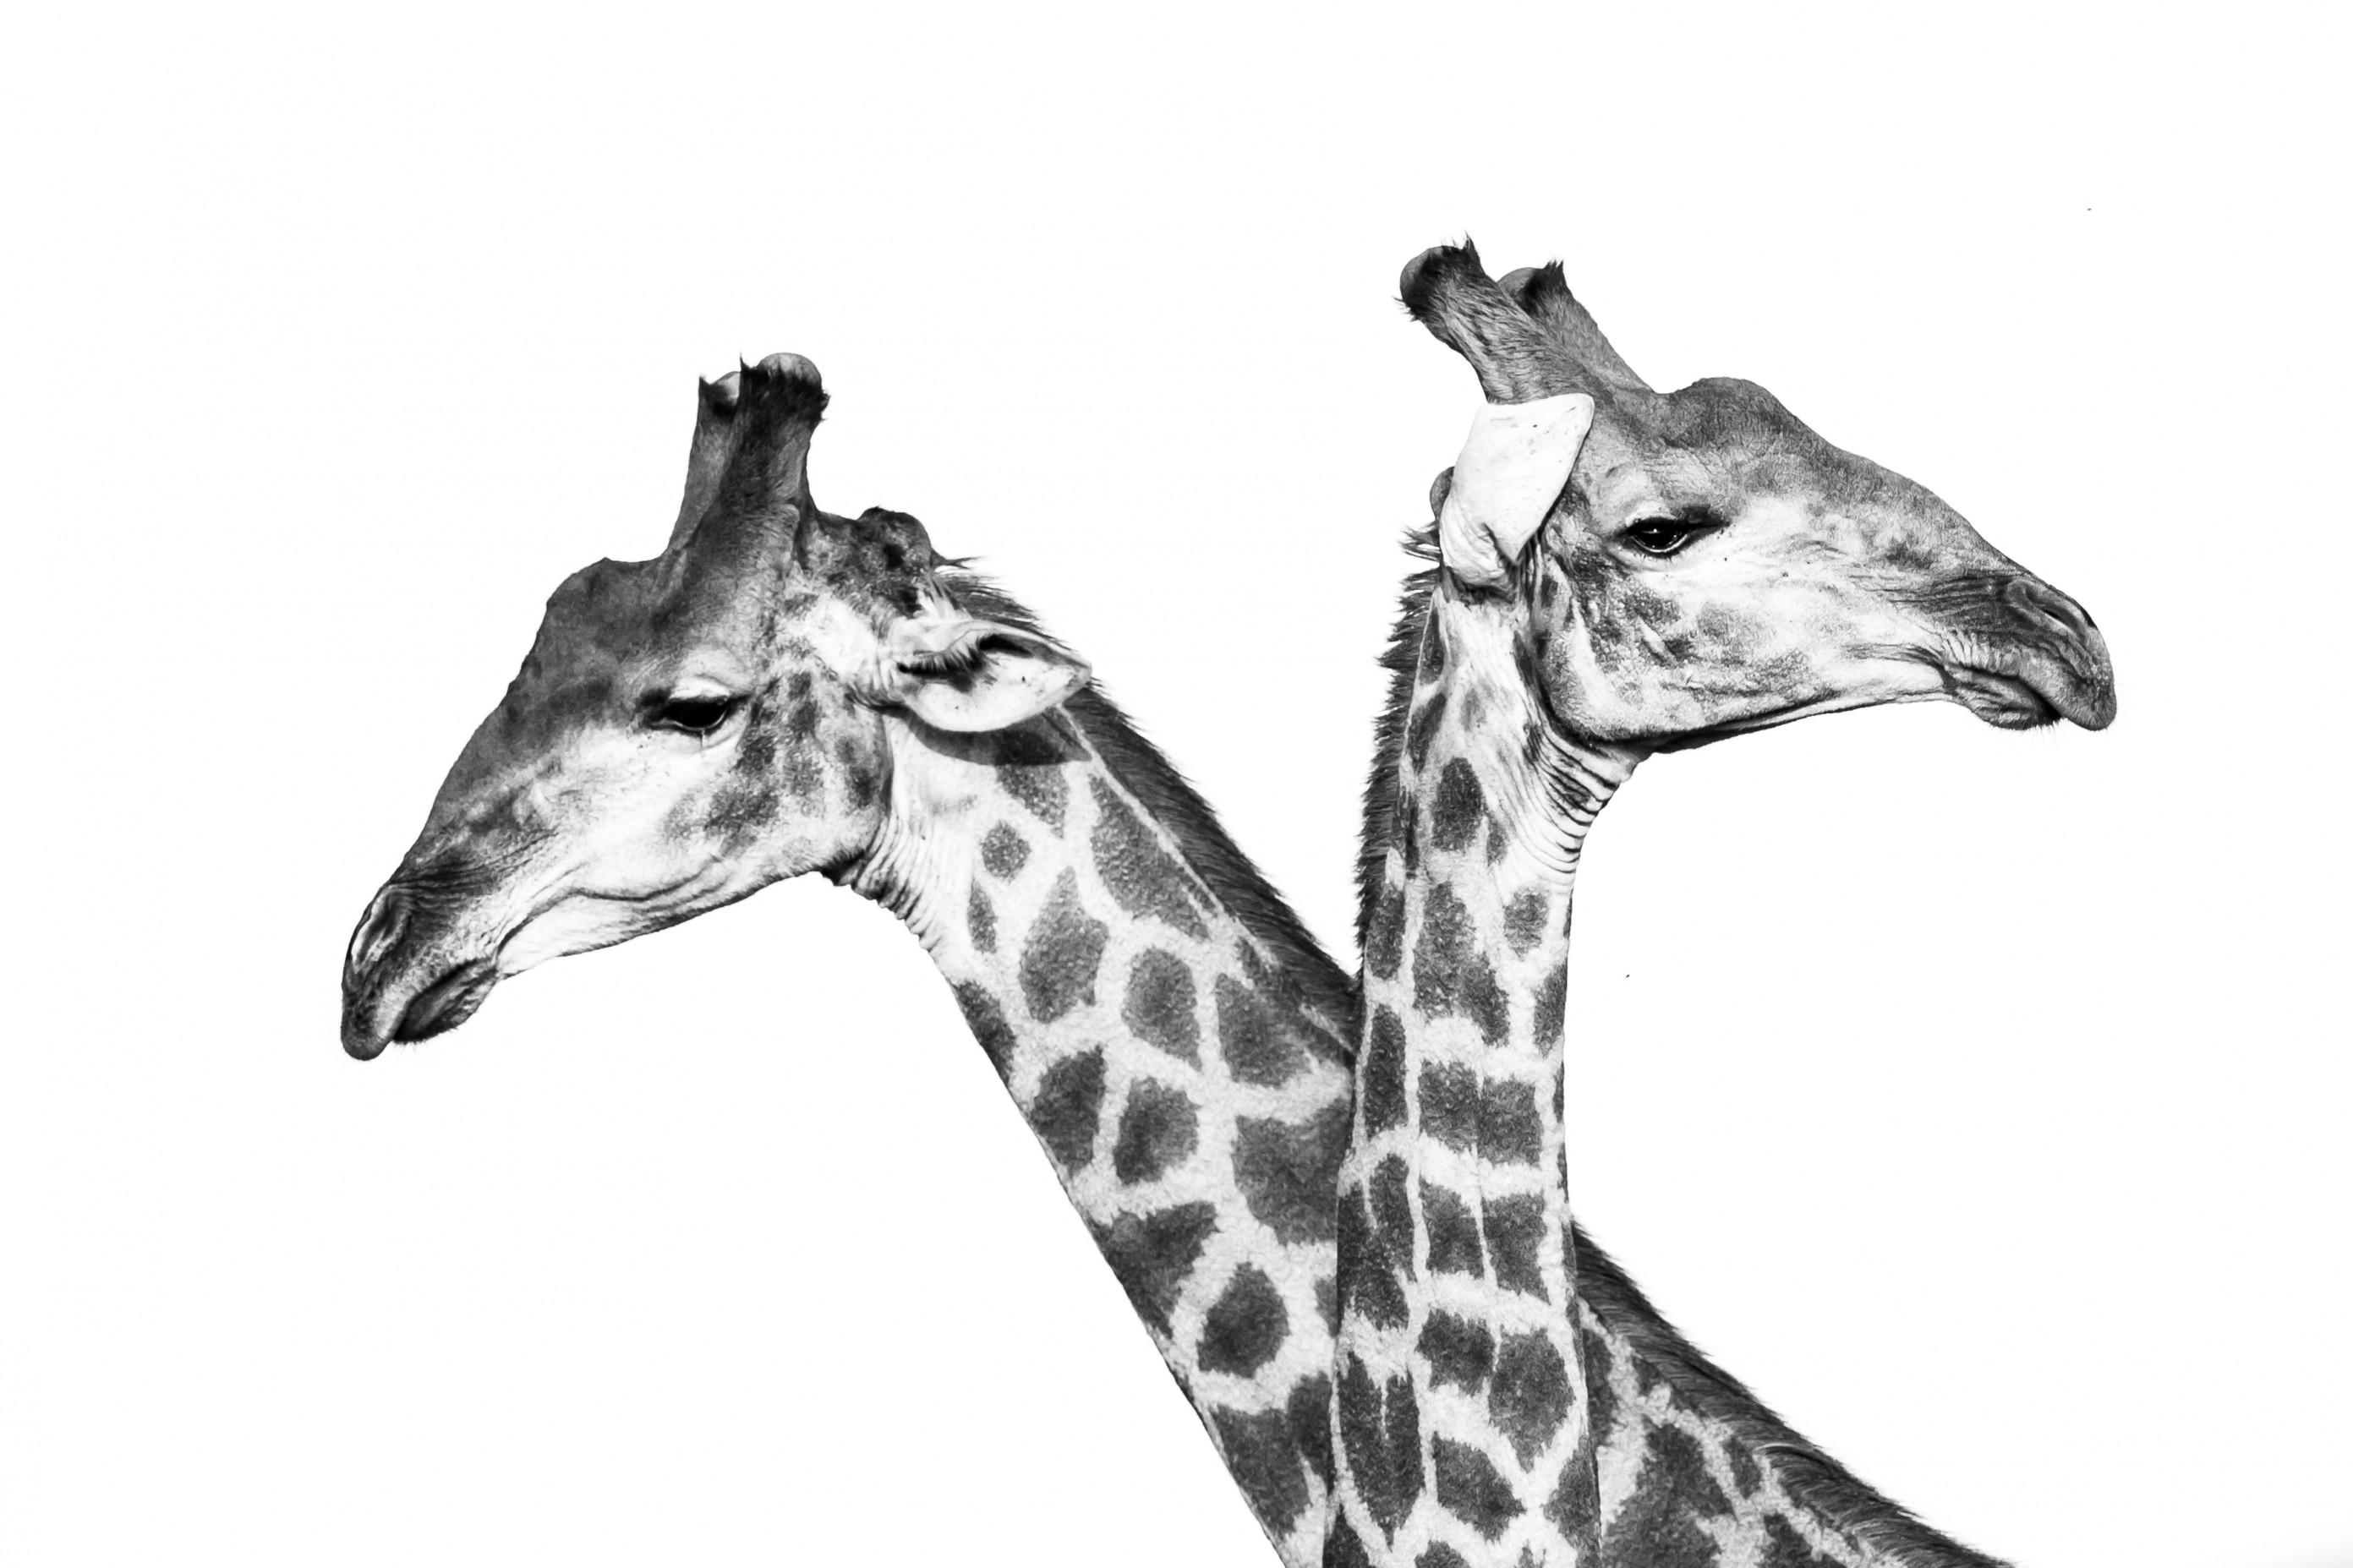 wildlife zimanga 5336